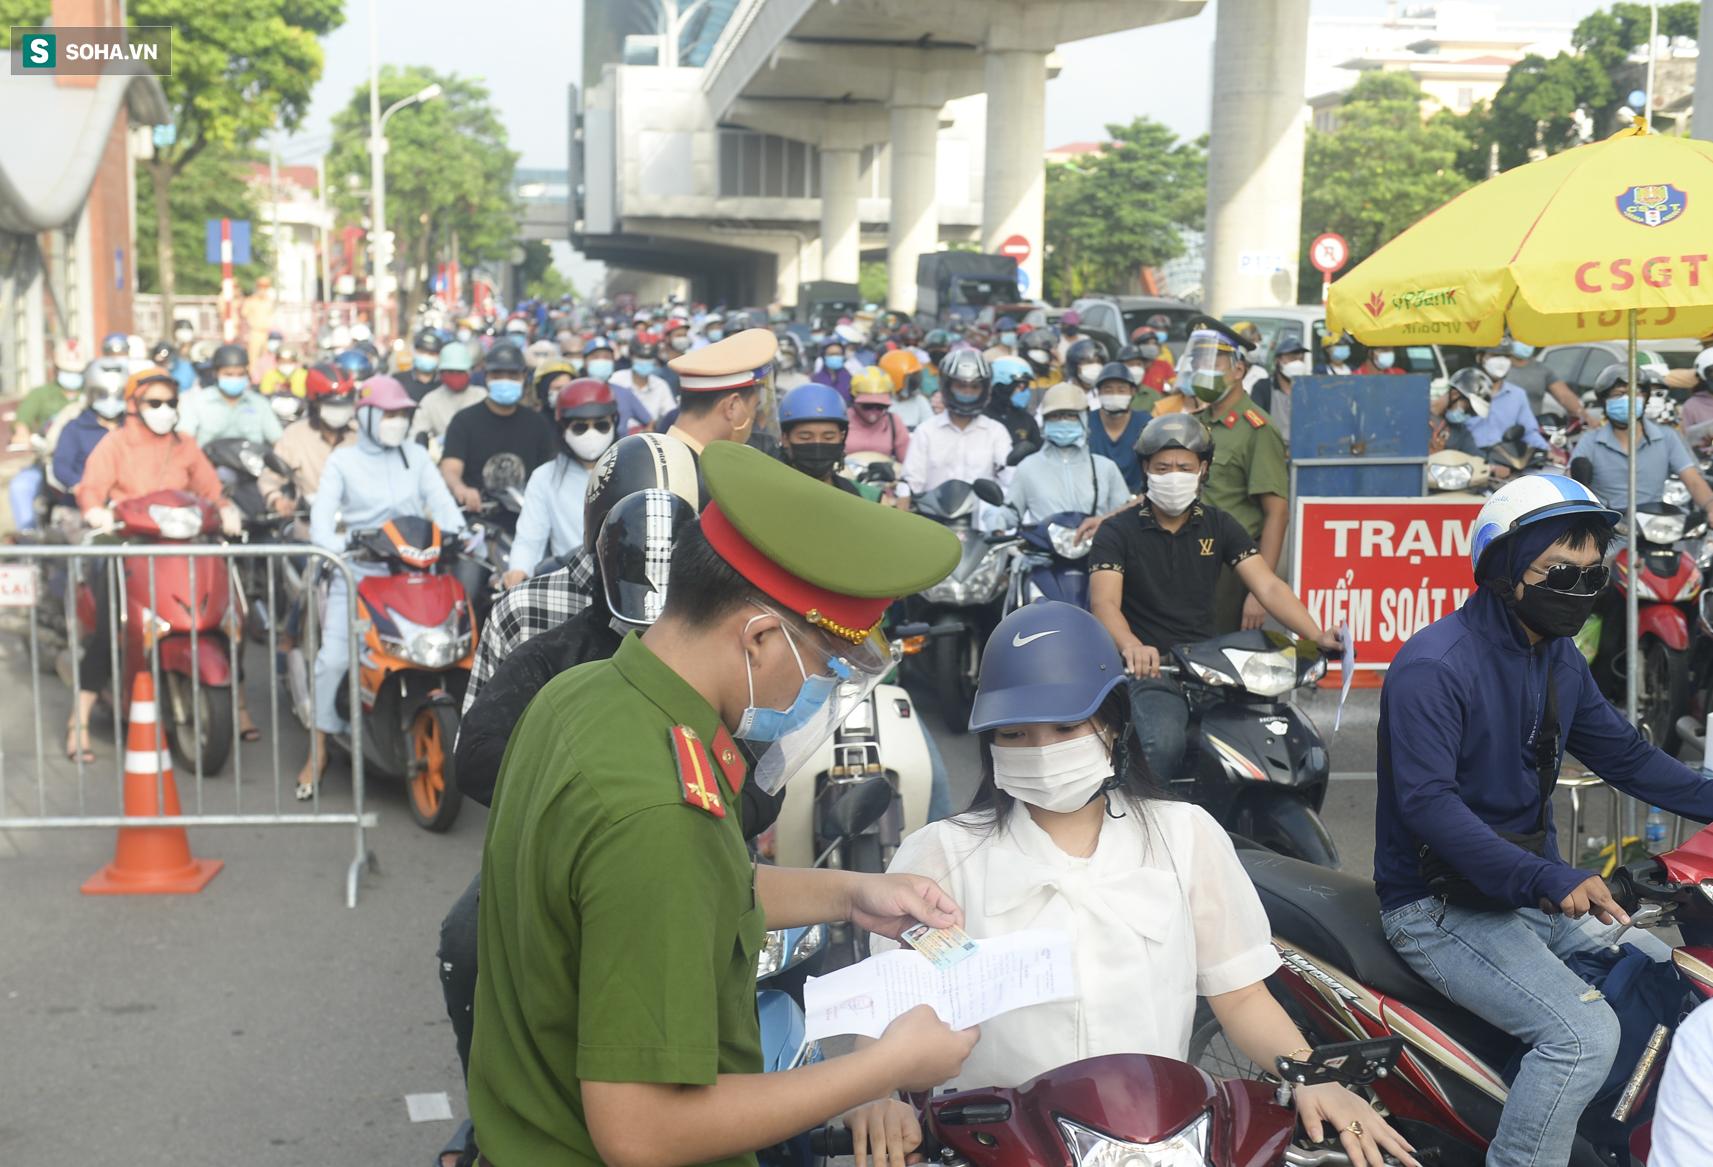 Hà Nội: Người dân muốn ra vào thành phố cần chuẩn bị những giấy tờ gì? - Ảnh 1.